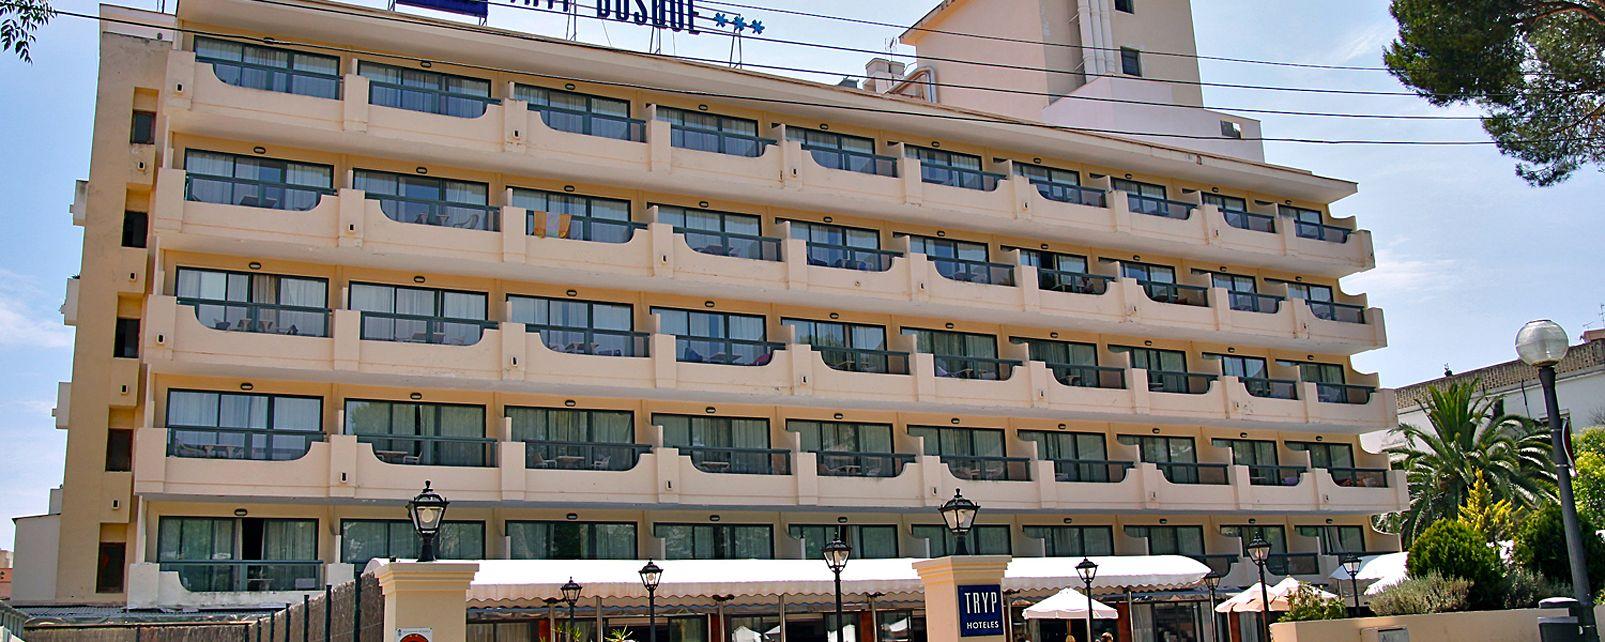 Hôtel Tryp Bosque